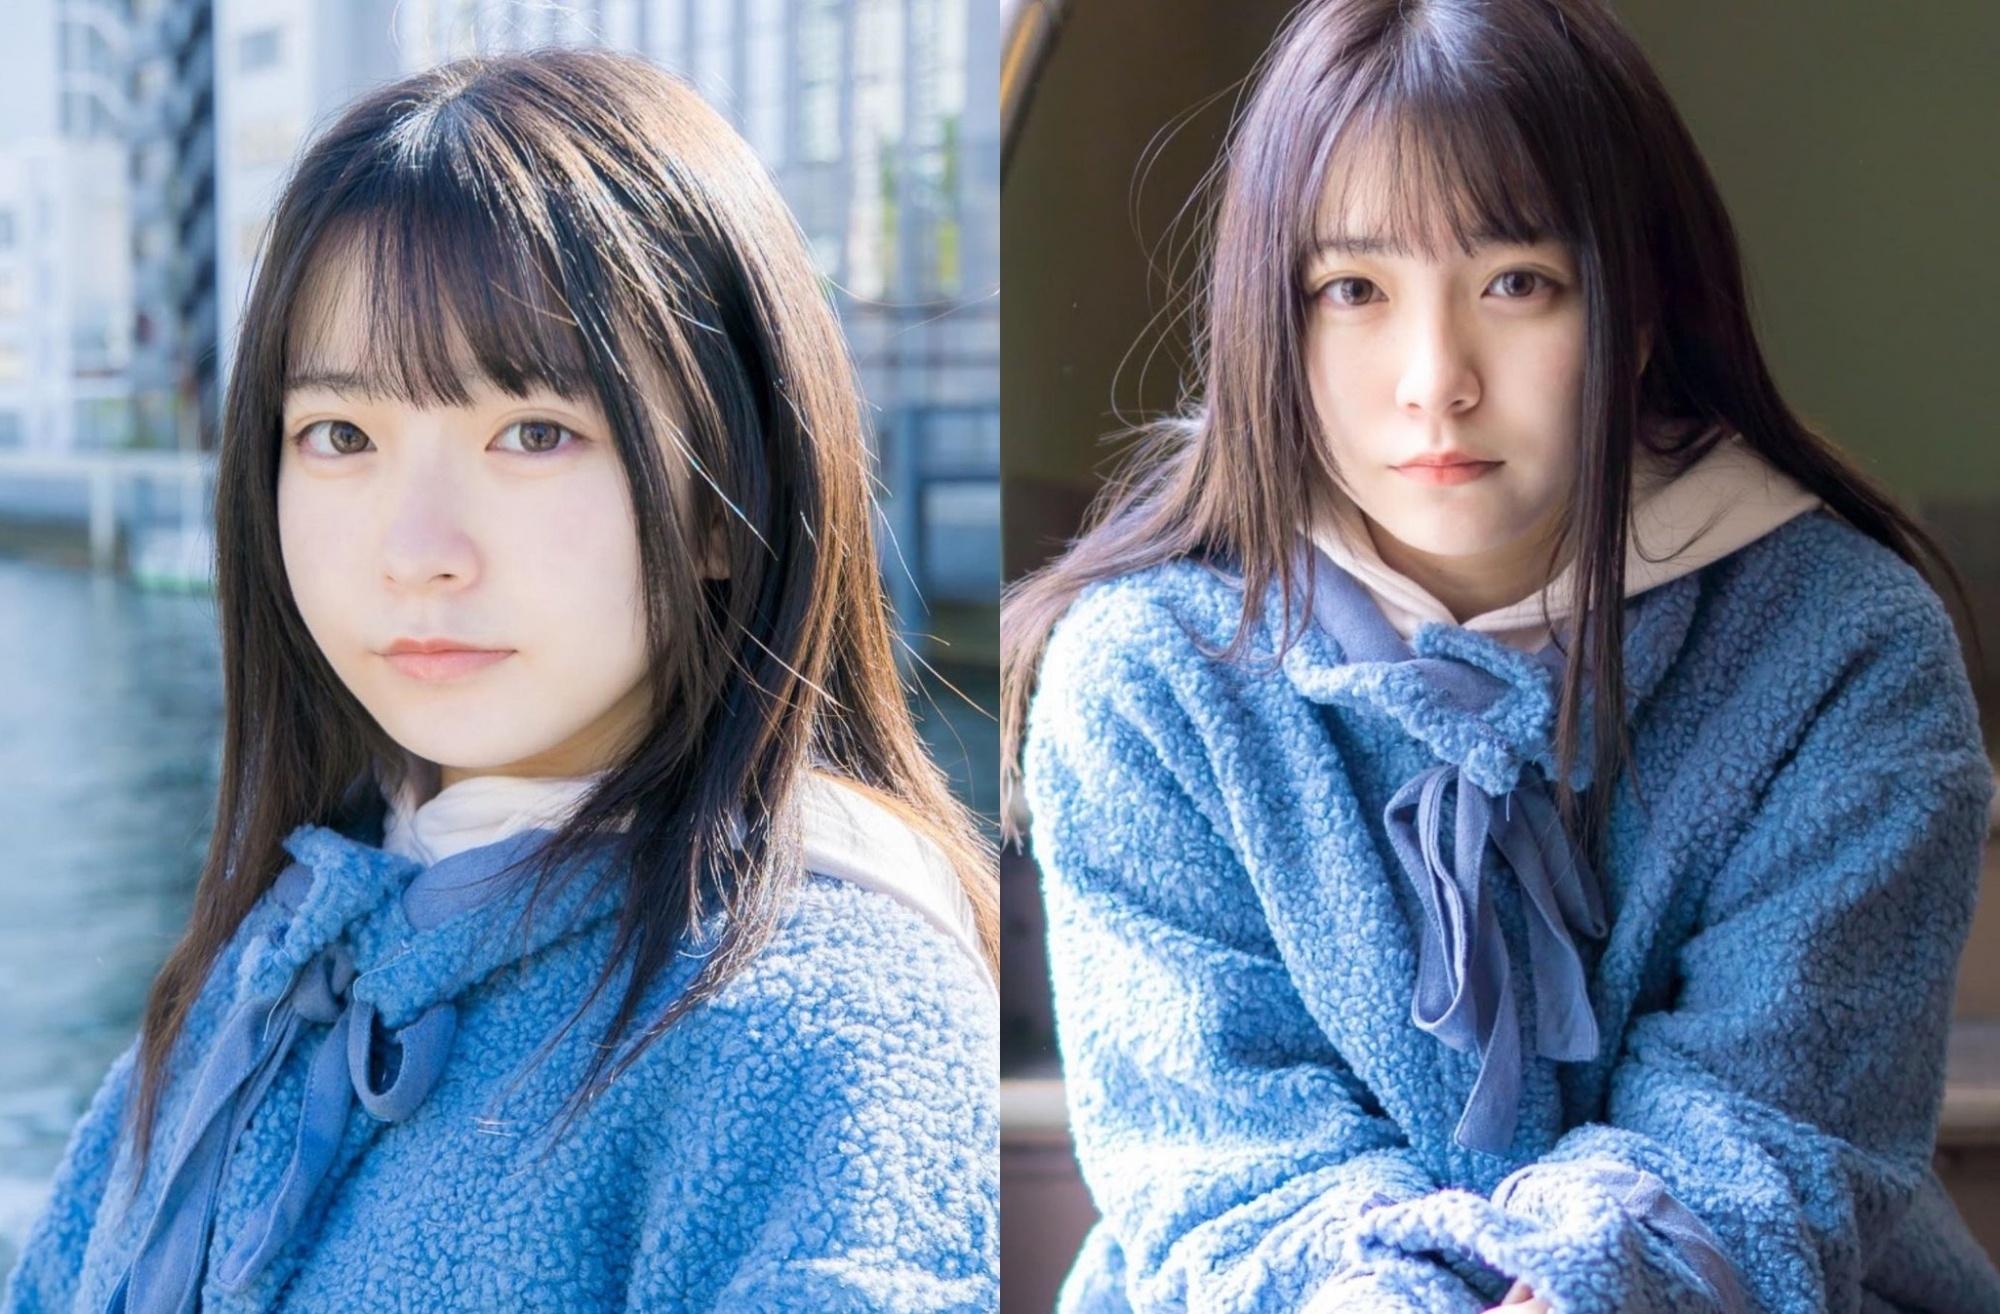 17岁仙女高中生瀬戸りつ绝美长相激似IU 全身散发空灵气质美到有点不真实 养眼图片 第1张